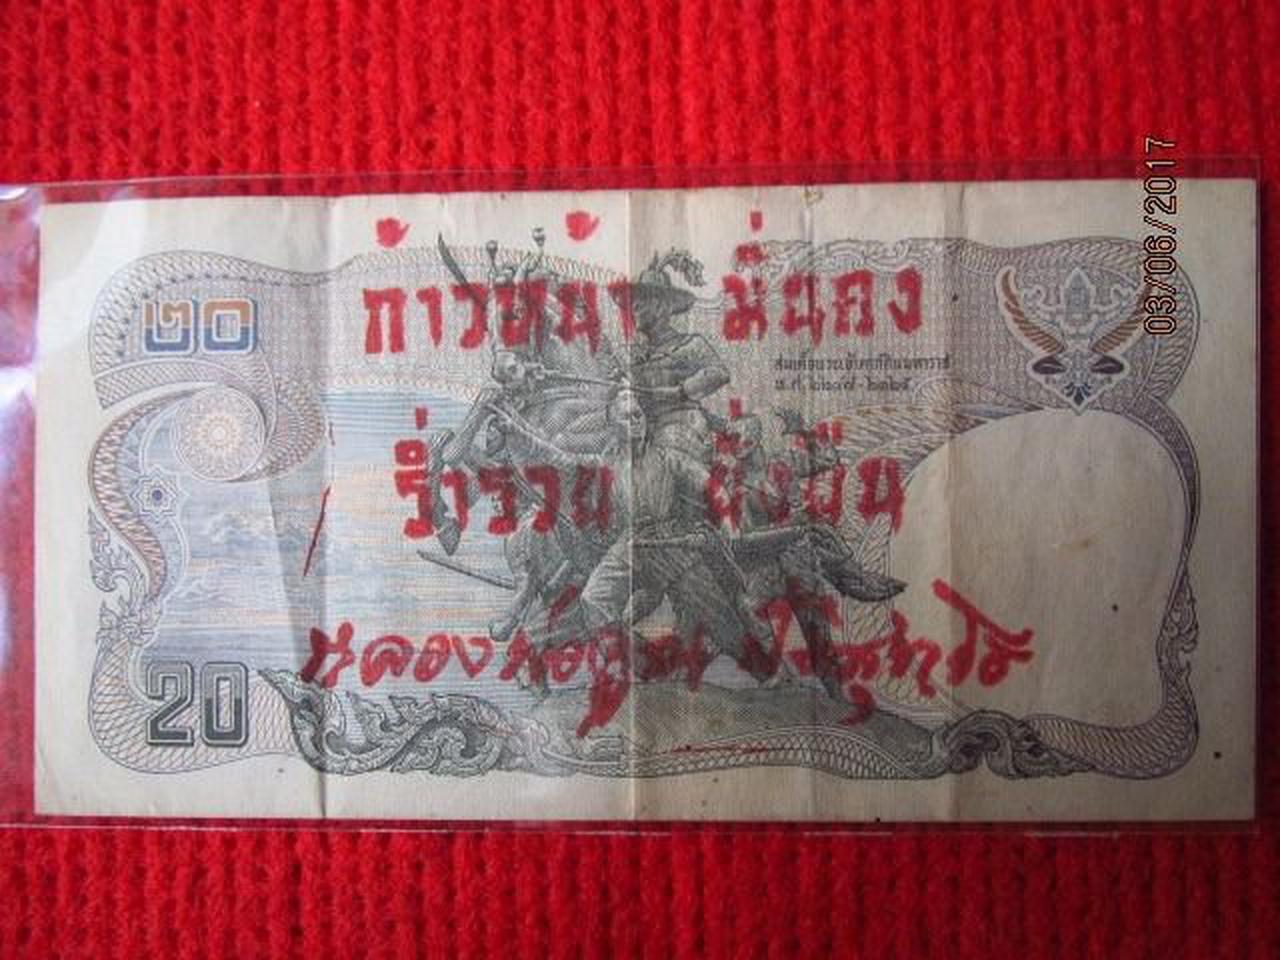 4403 ธนบัตรเก่าแบบที่ 12 รัชกาลที่ 9 ราคา 20 บาท หลวงพ่อคูณ  รูปที่ 1